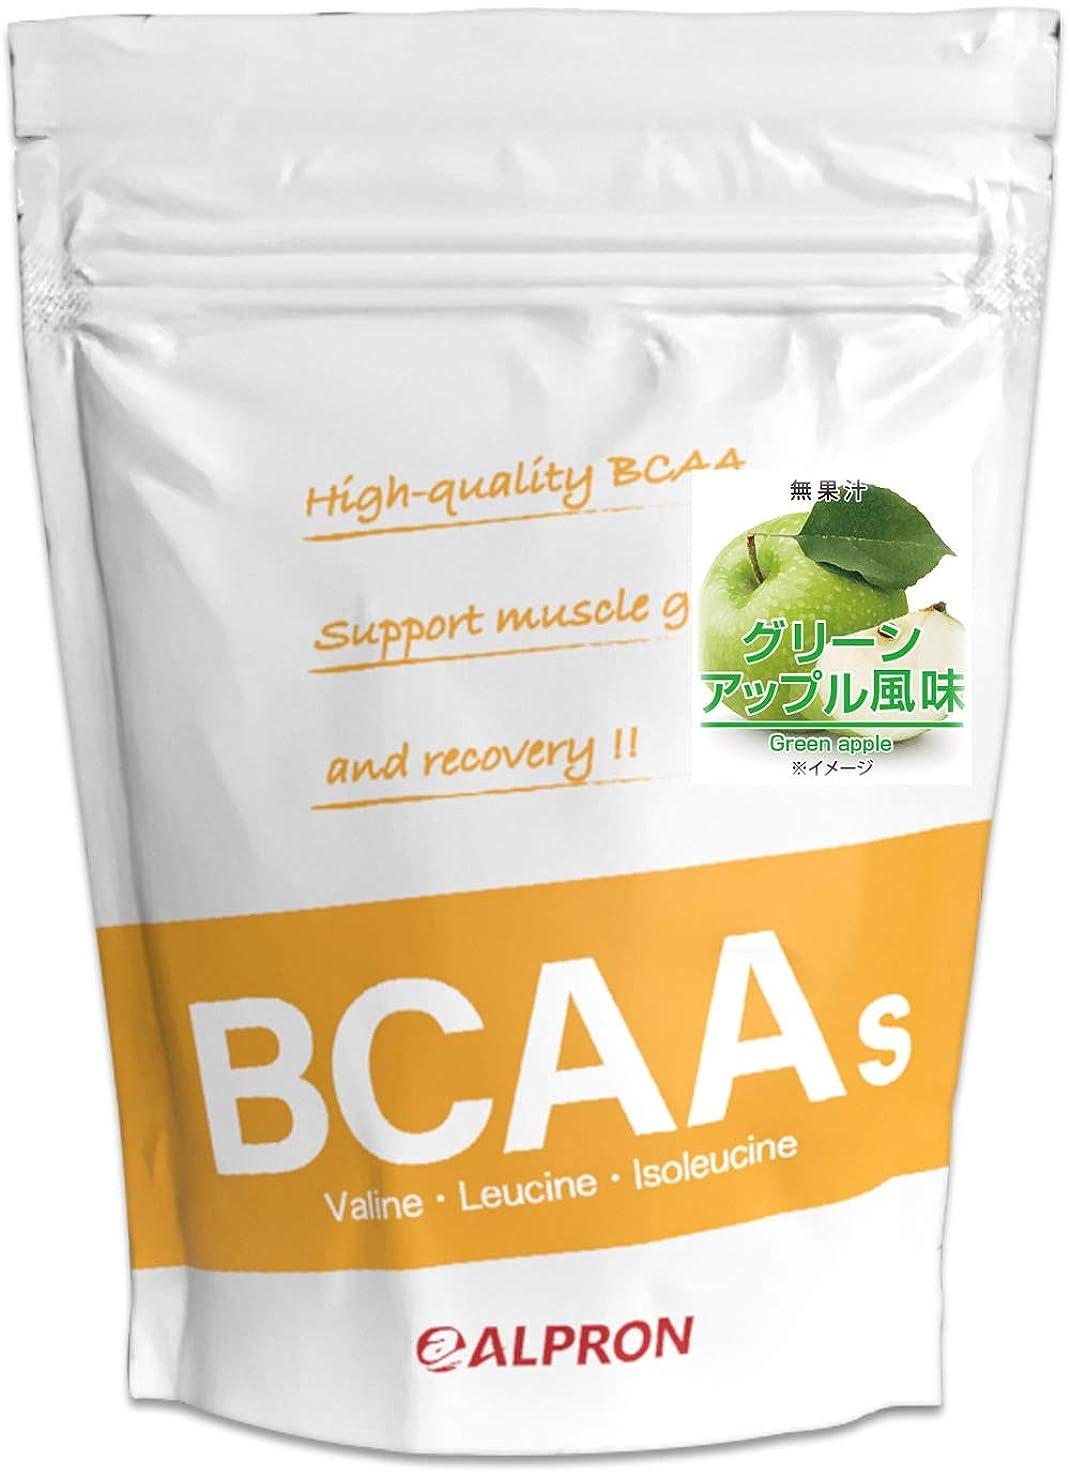 パイル周り強盗アルプロン BCAA + シトルリン + グルタミン 1kg グリーンアップル風味(アミノ酸 ALPRON 粉末ドリンク 国内生産)